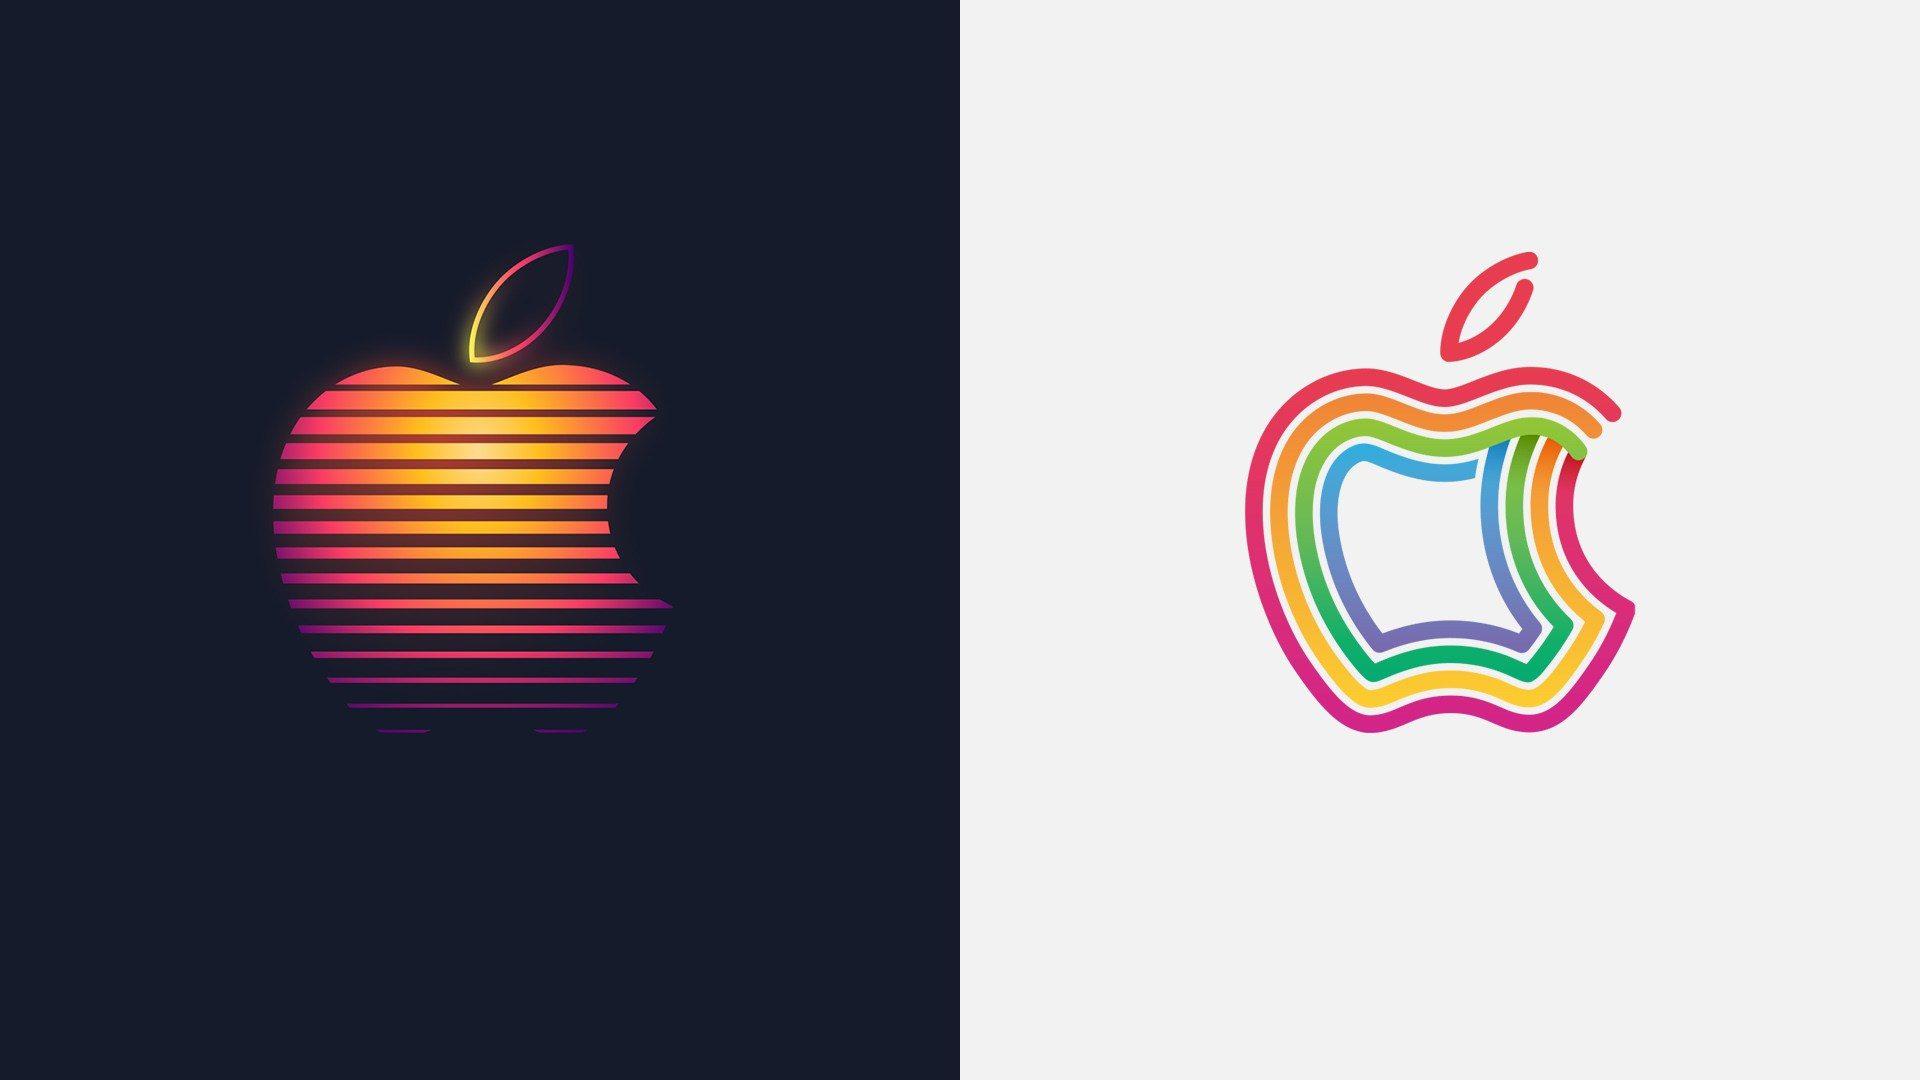 苹果日本官网为两家新 Apple Store 直营店预热